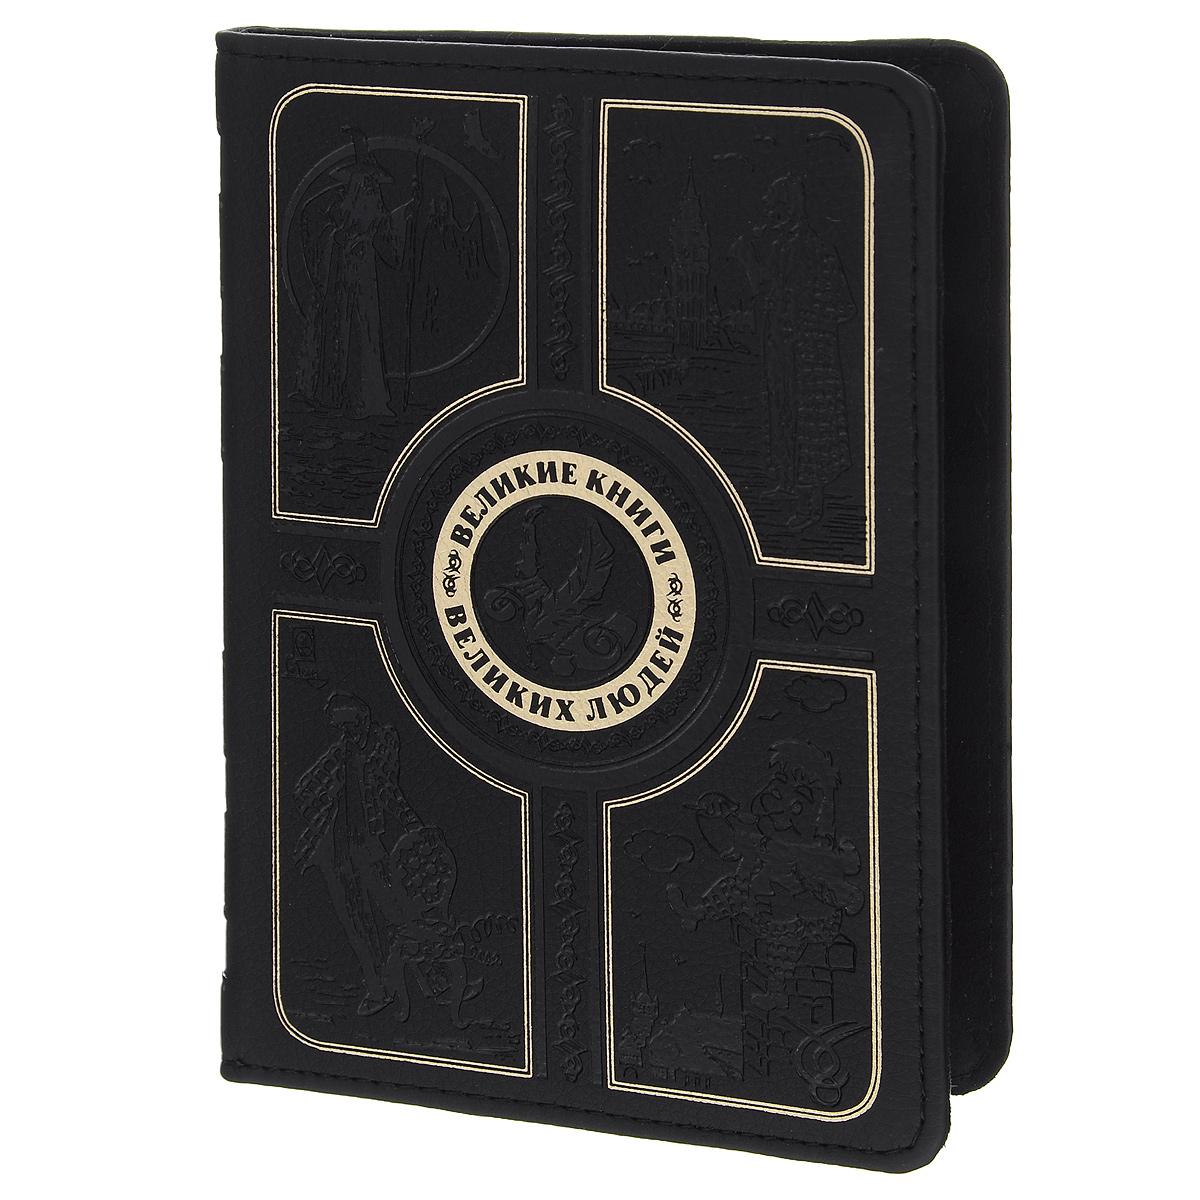 Vivacase Book, Black чехол для электронных книг 6VUC-CBK01-blVivacase Book - это тонкий чехол для планшетов и электронных книг с диагональю дисплея6 дюймов. Он изготовлен в виде классической книжной обложки из качественной ПУ-кожи с водоотталкивающими свойствами и тиснением. Внутри чехла - мягкая, приятная на ощупь подкладка и силиконовое крепление, которое прочно удерживает электронное устройство, оставляя свободный доступ к экрану, а все кнопки и разъемы открытыми.